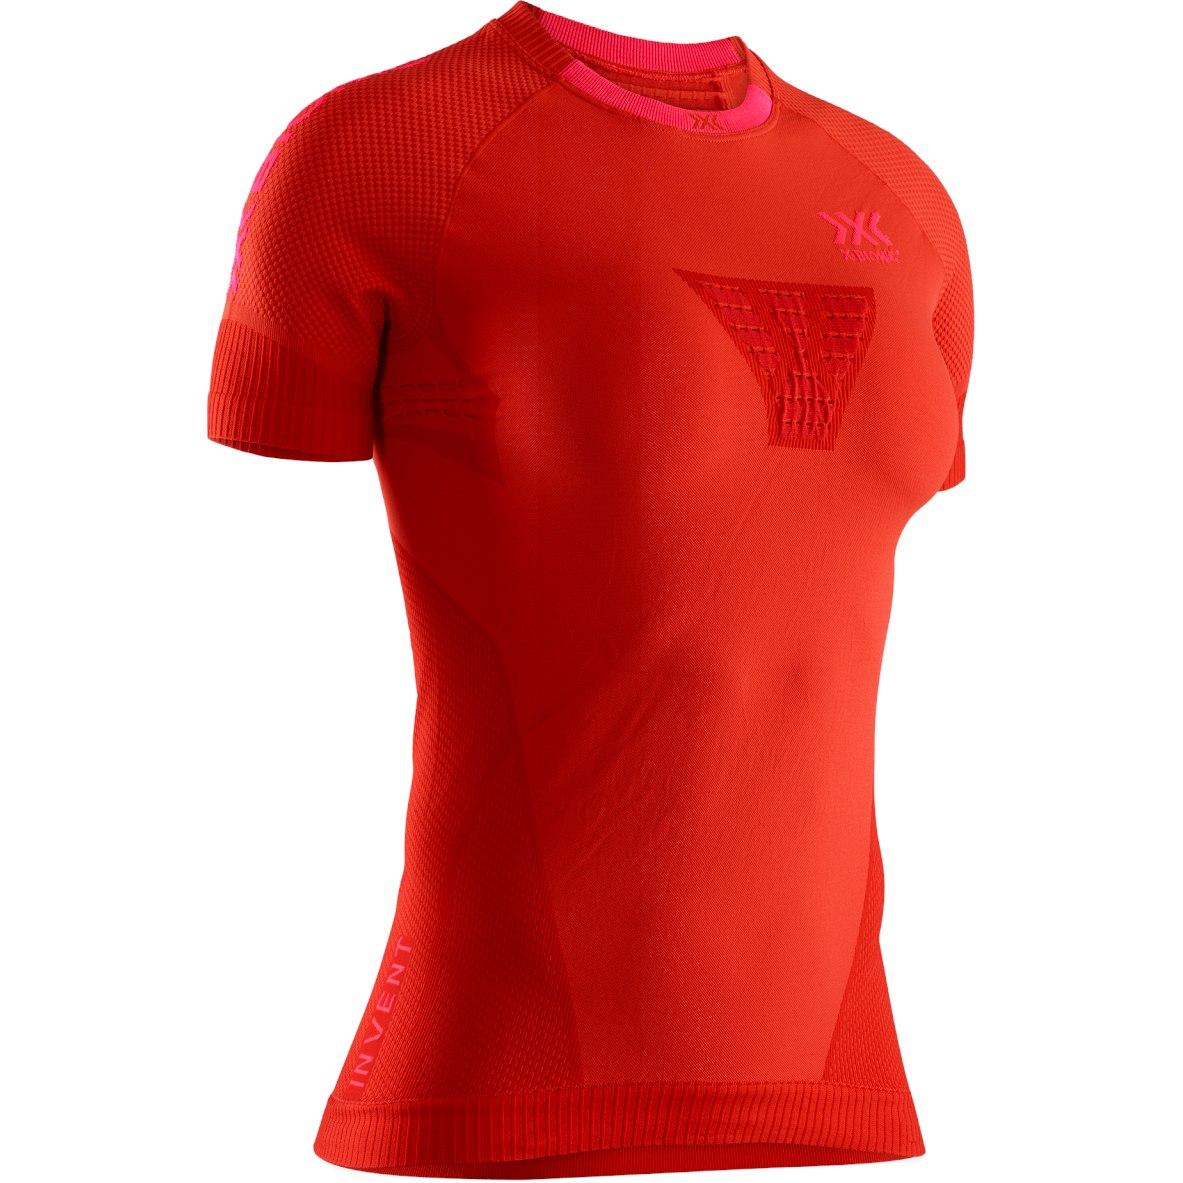 X-Bionic Invent 4.0 Run Speed Kurzarm-Laufshirt für Damen - sunset orange/neon flamingo